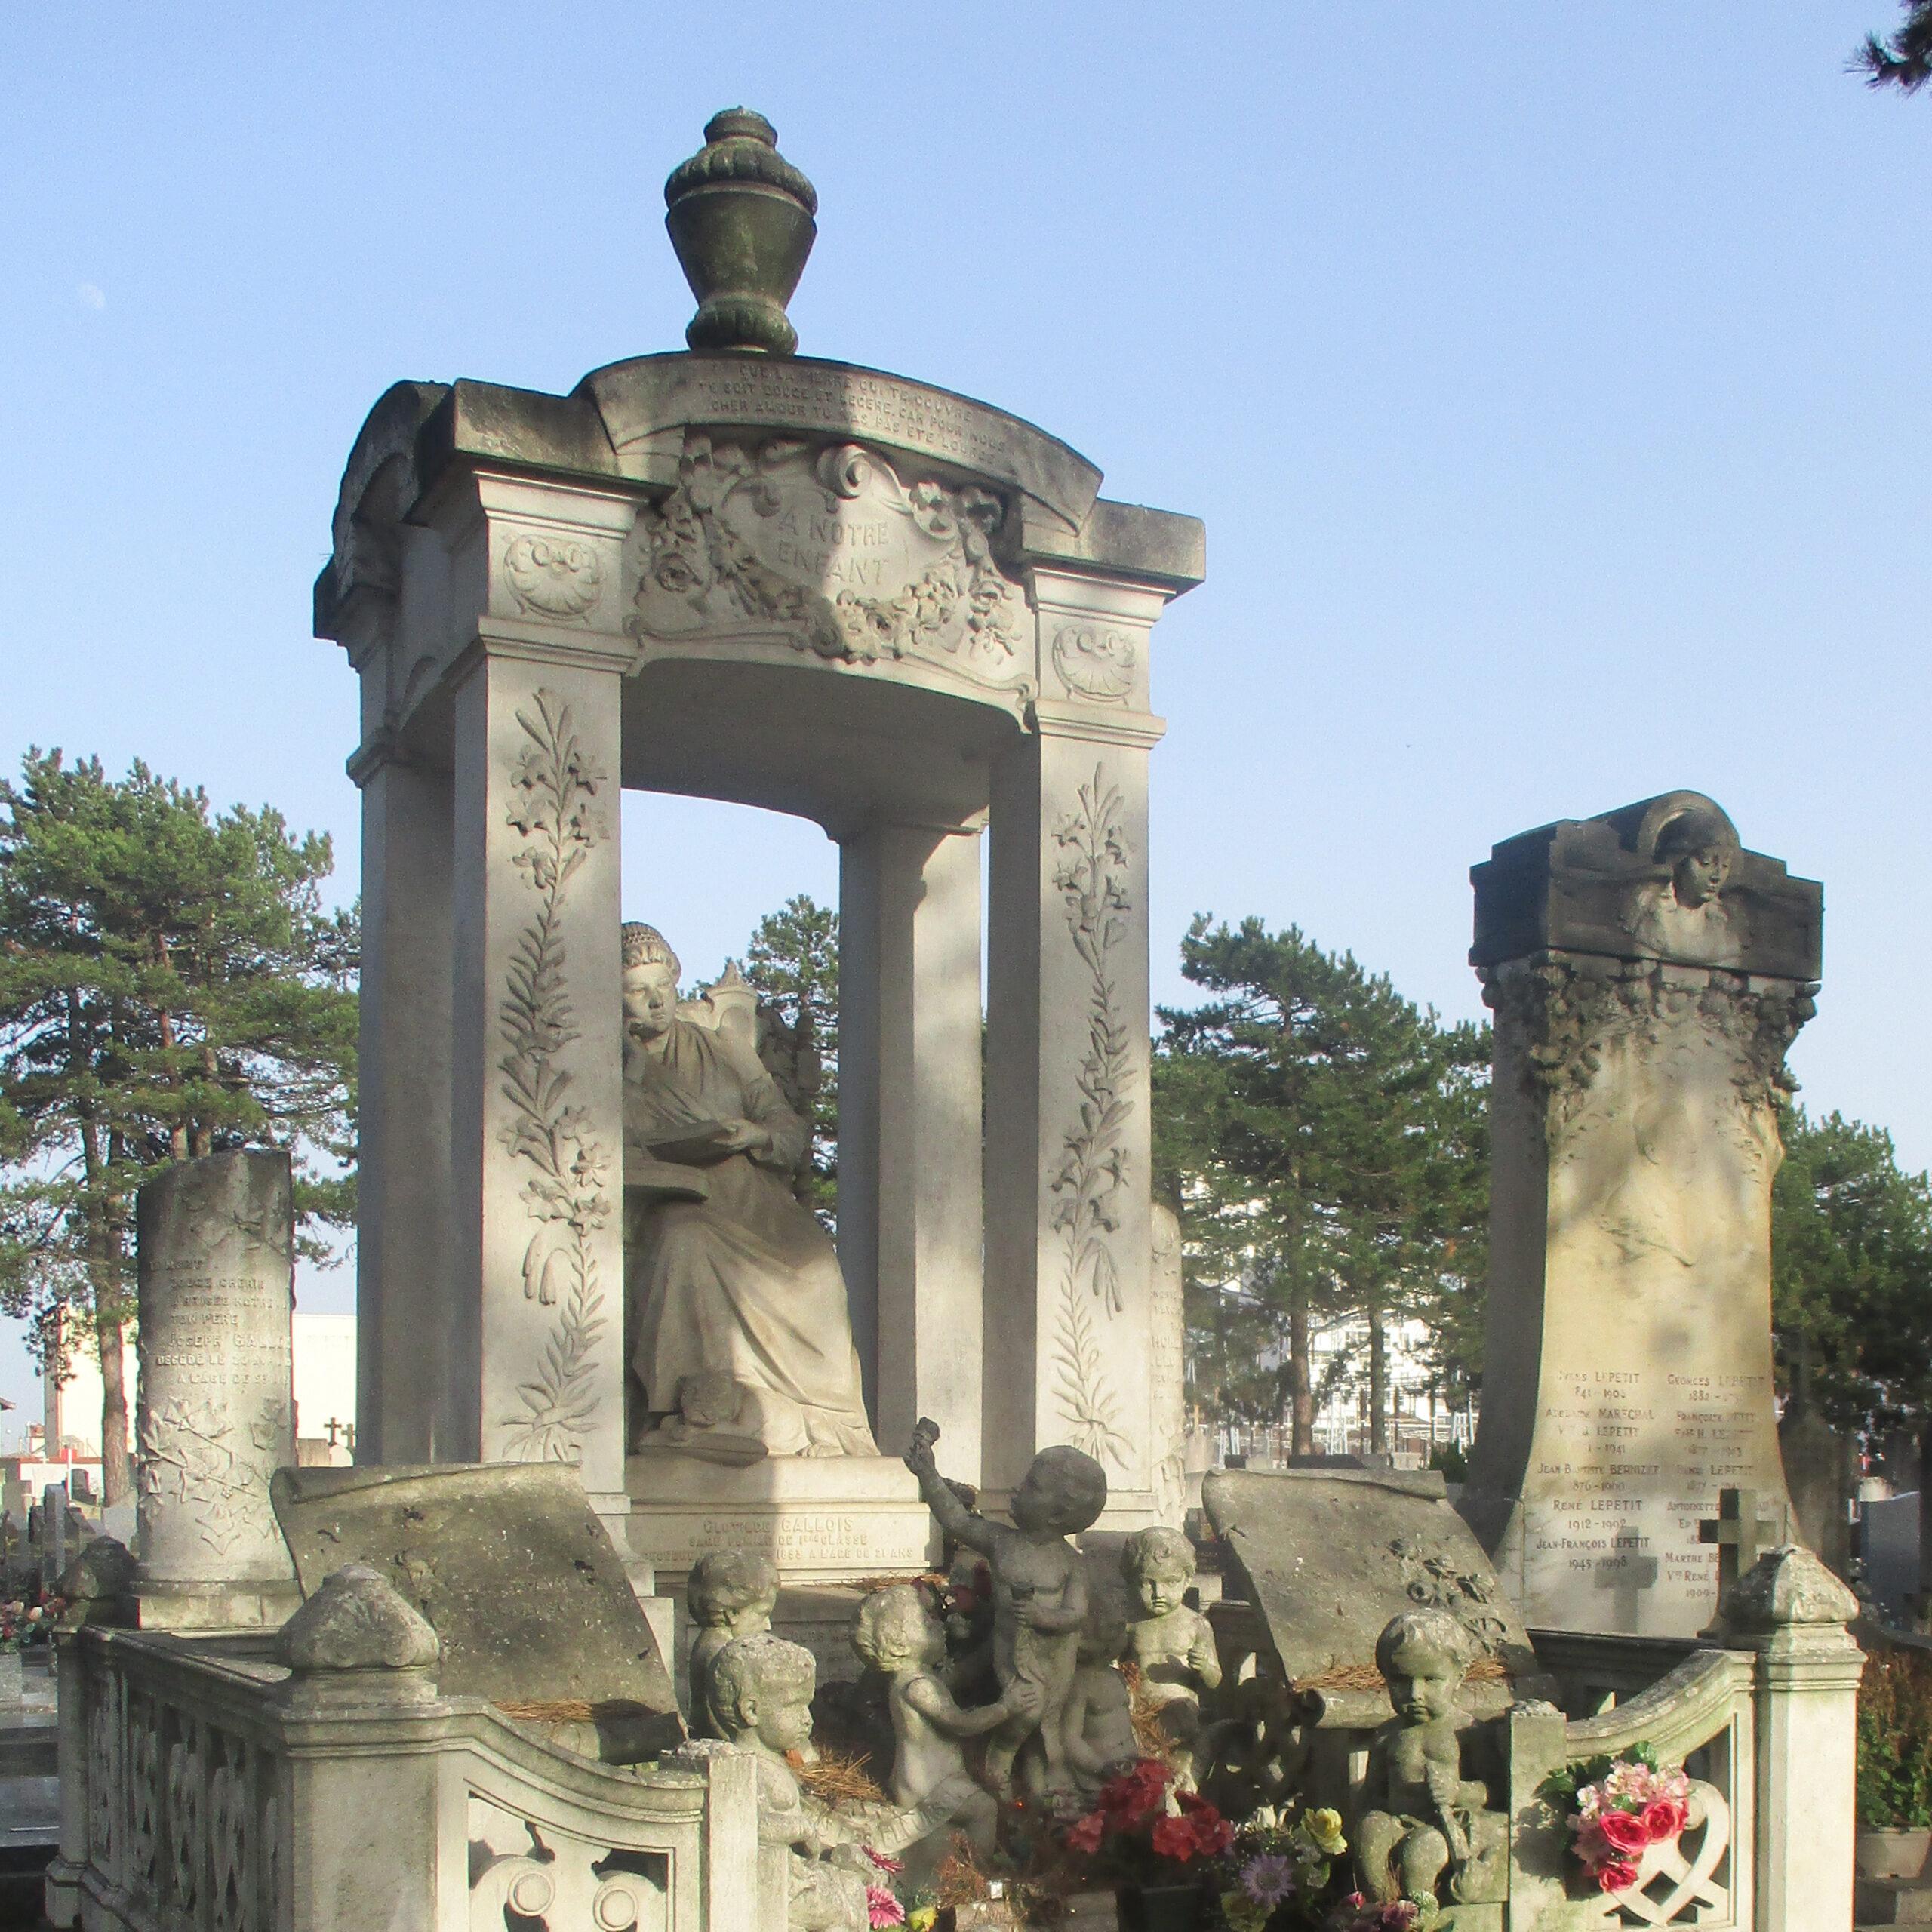 Cimetières de Villeurbanne (Métropole de Lyon)